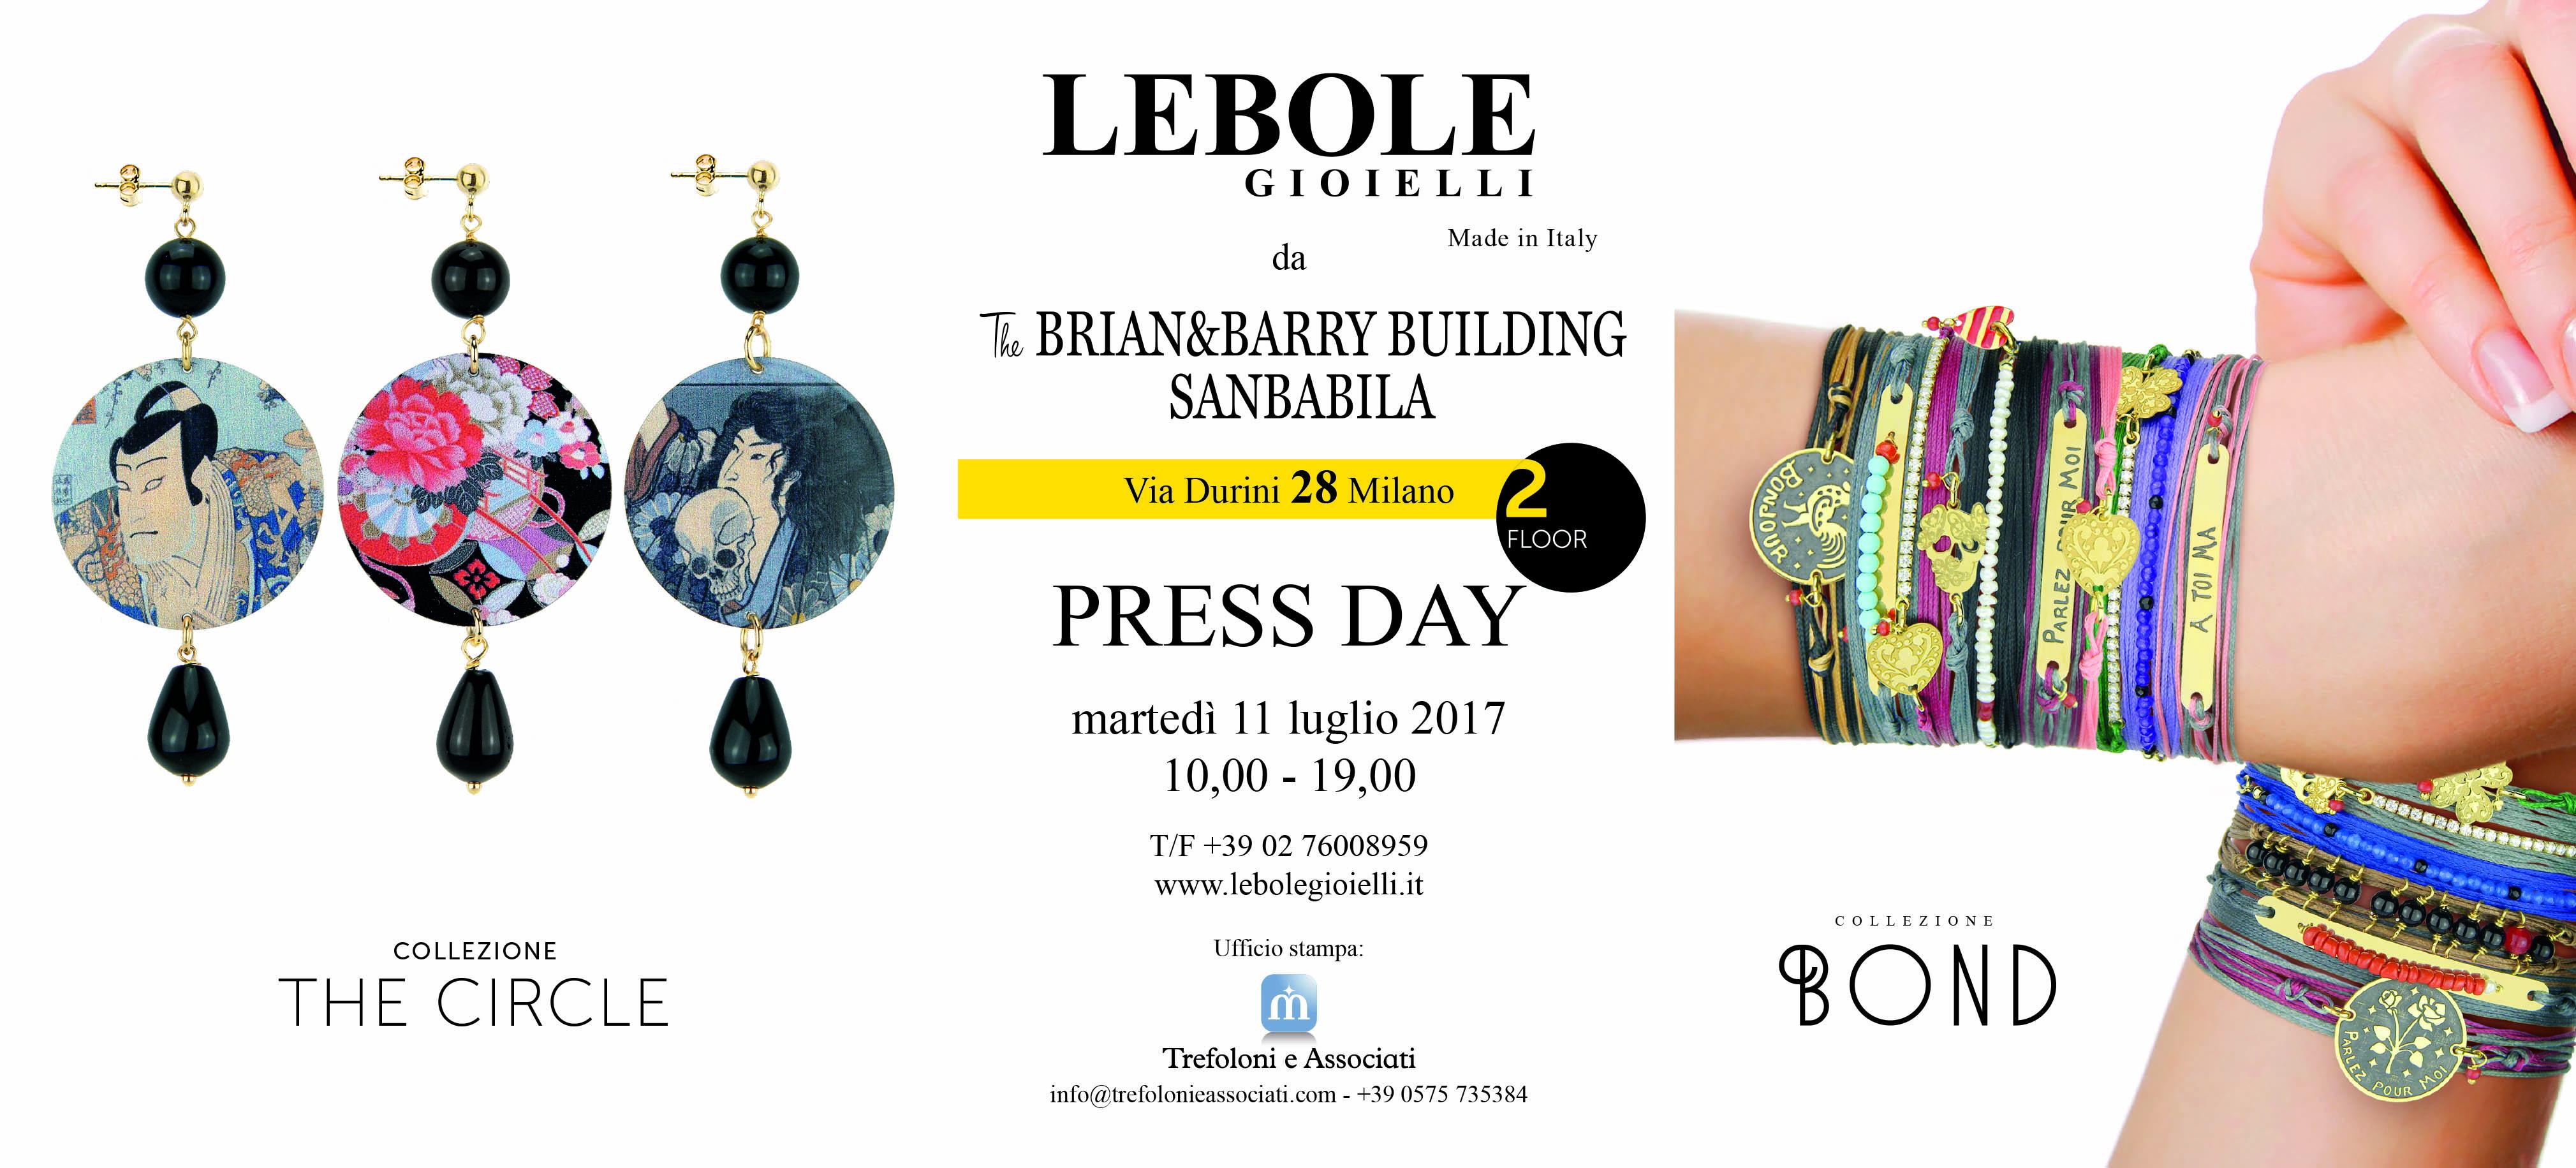 PRESS DAY LEBOLE GIOIELLI – GIOVEDI' 18 FEBBRAIO 2016